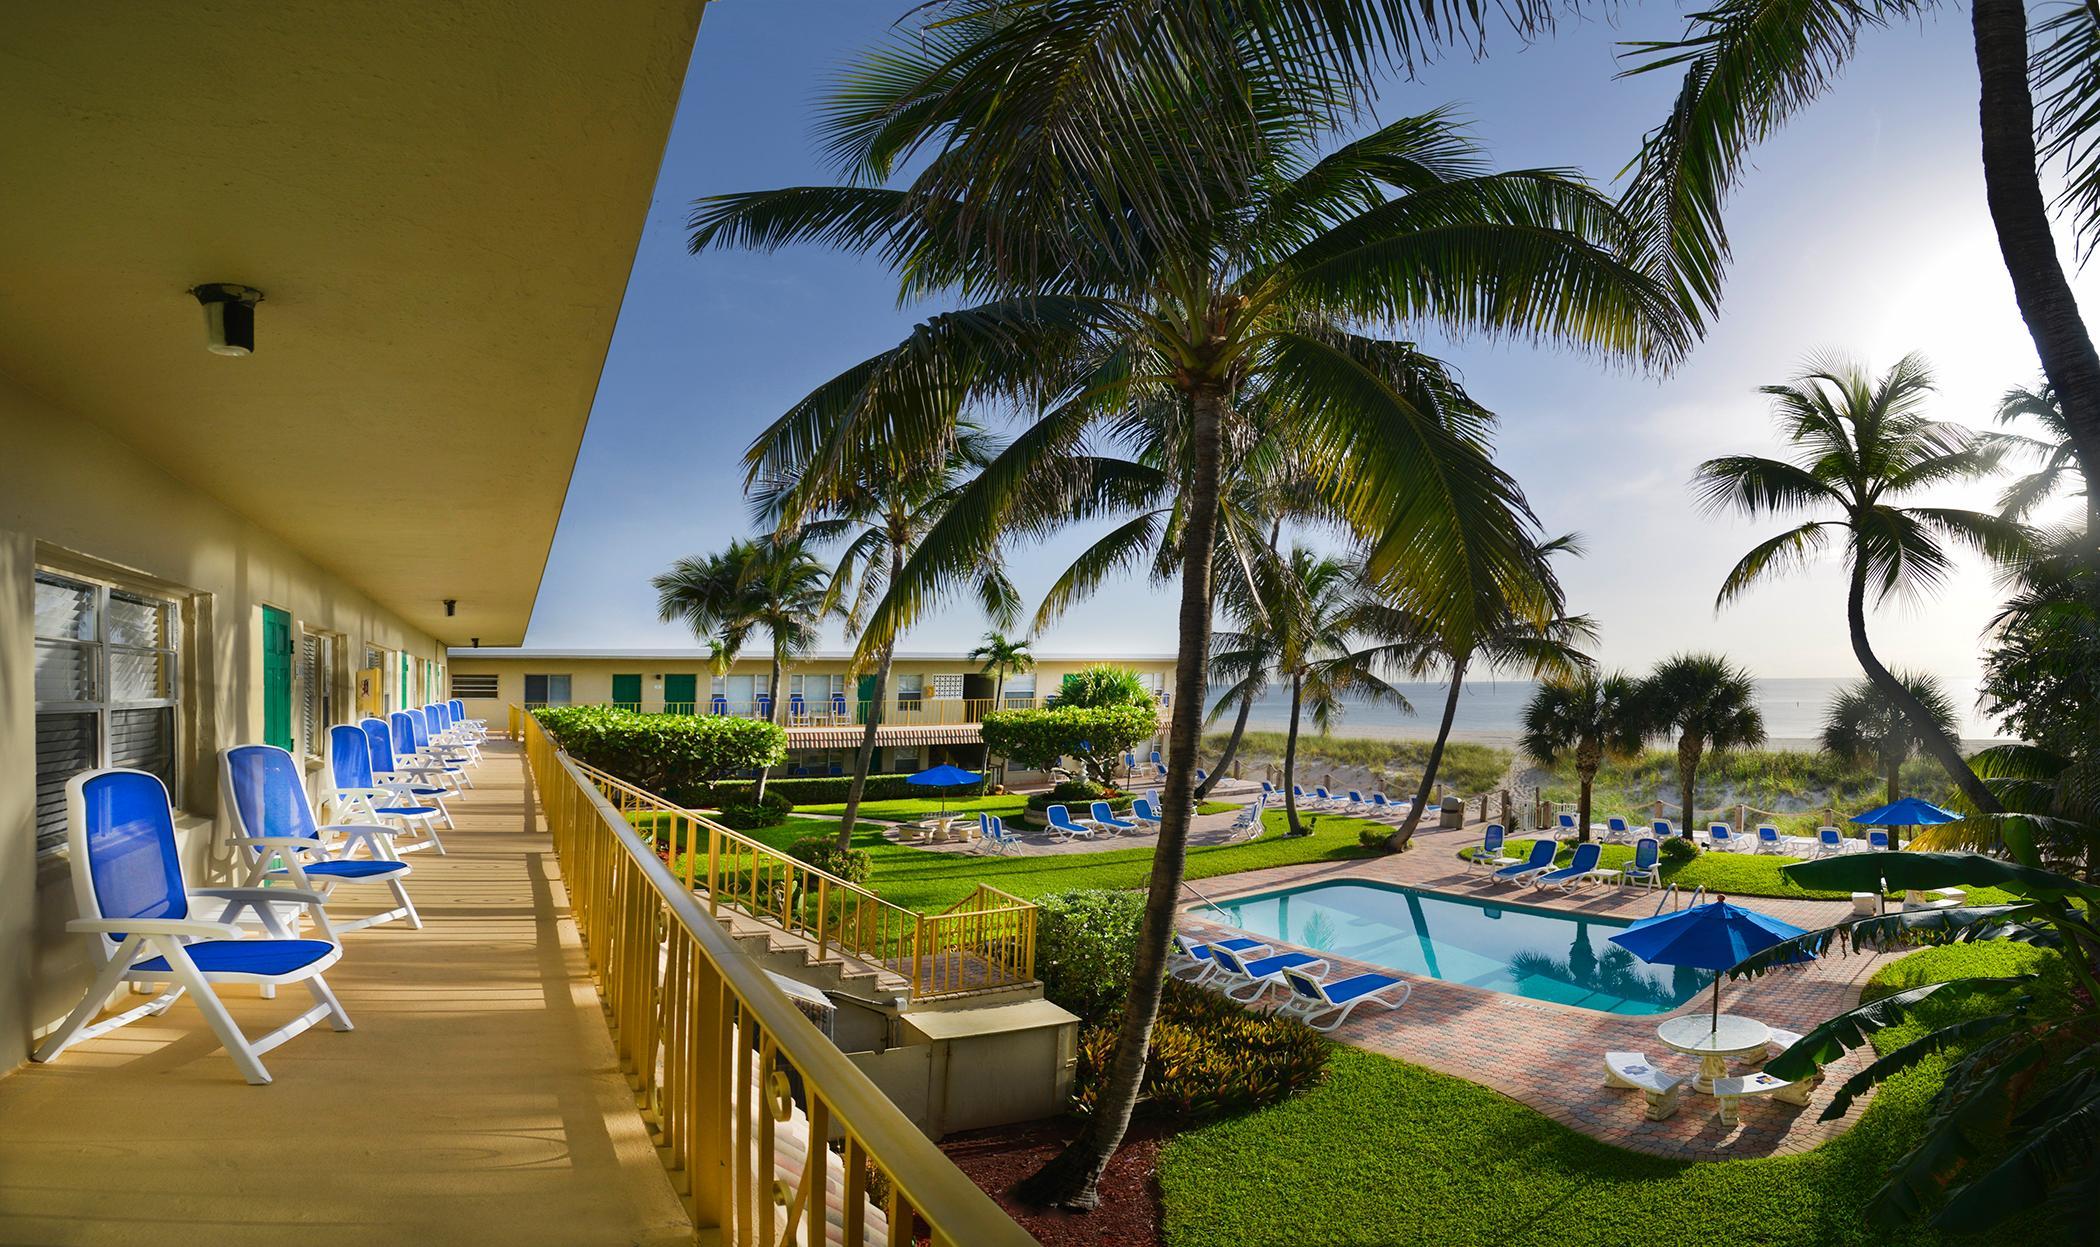 Tropic Seas Resort